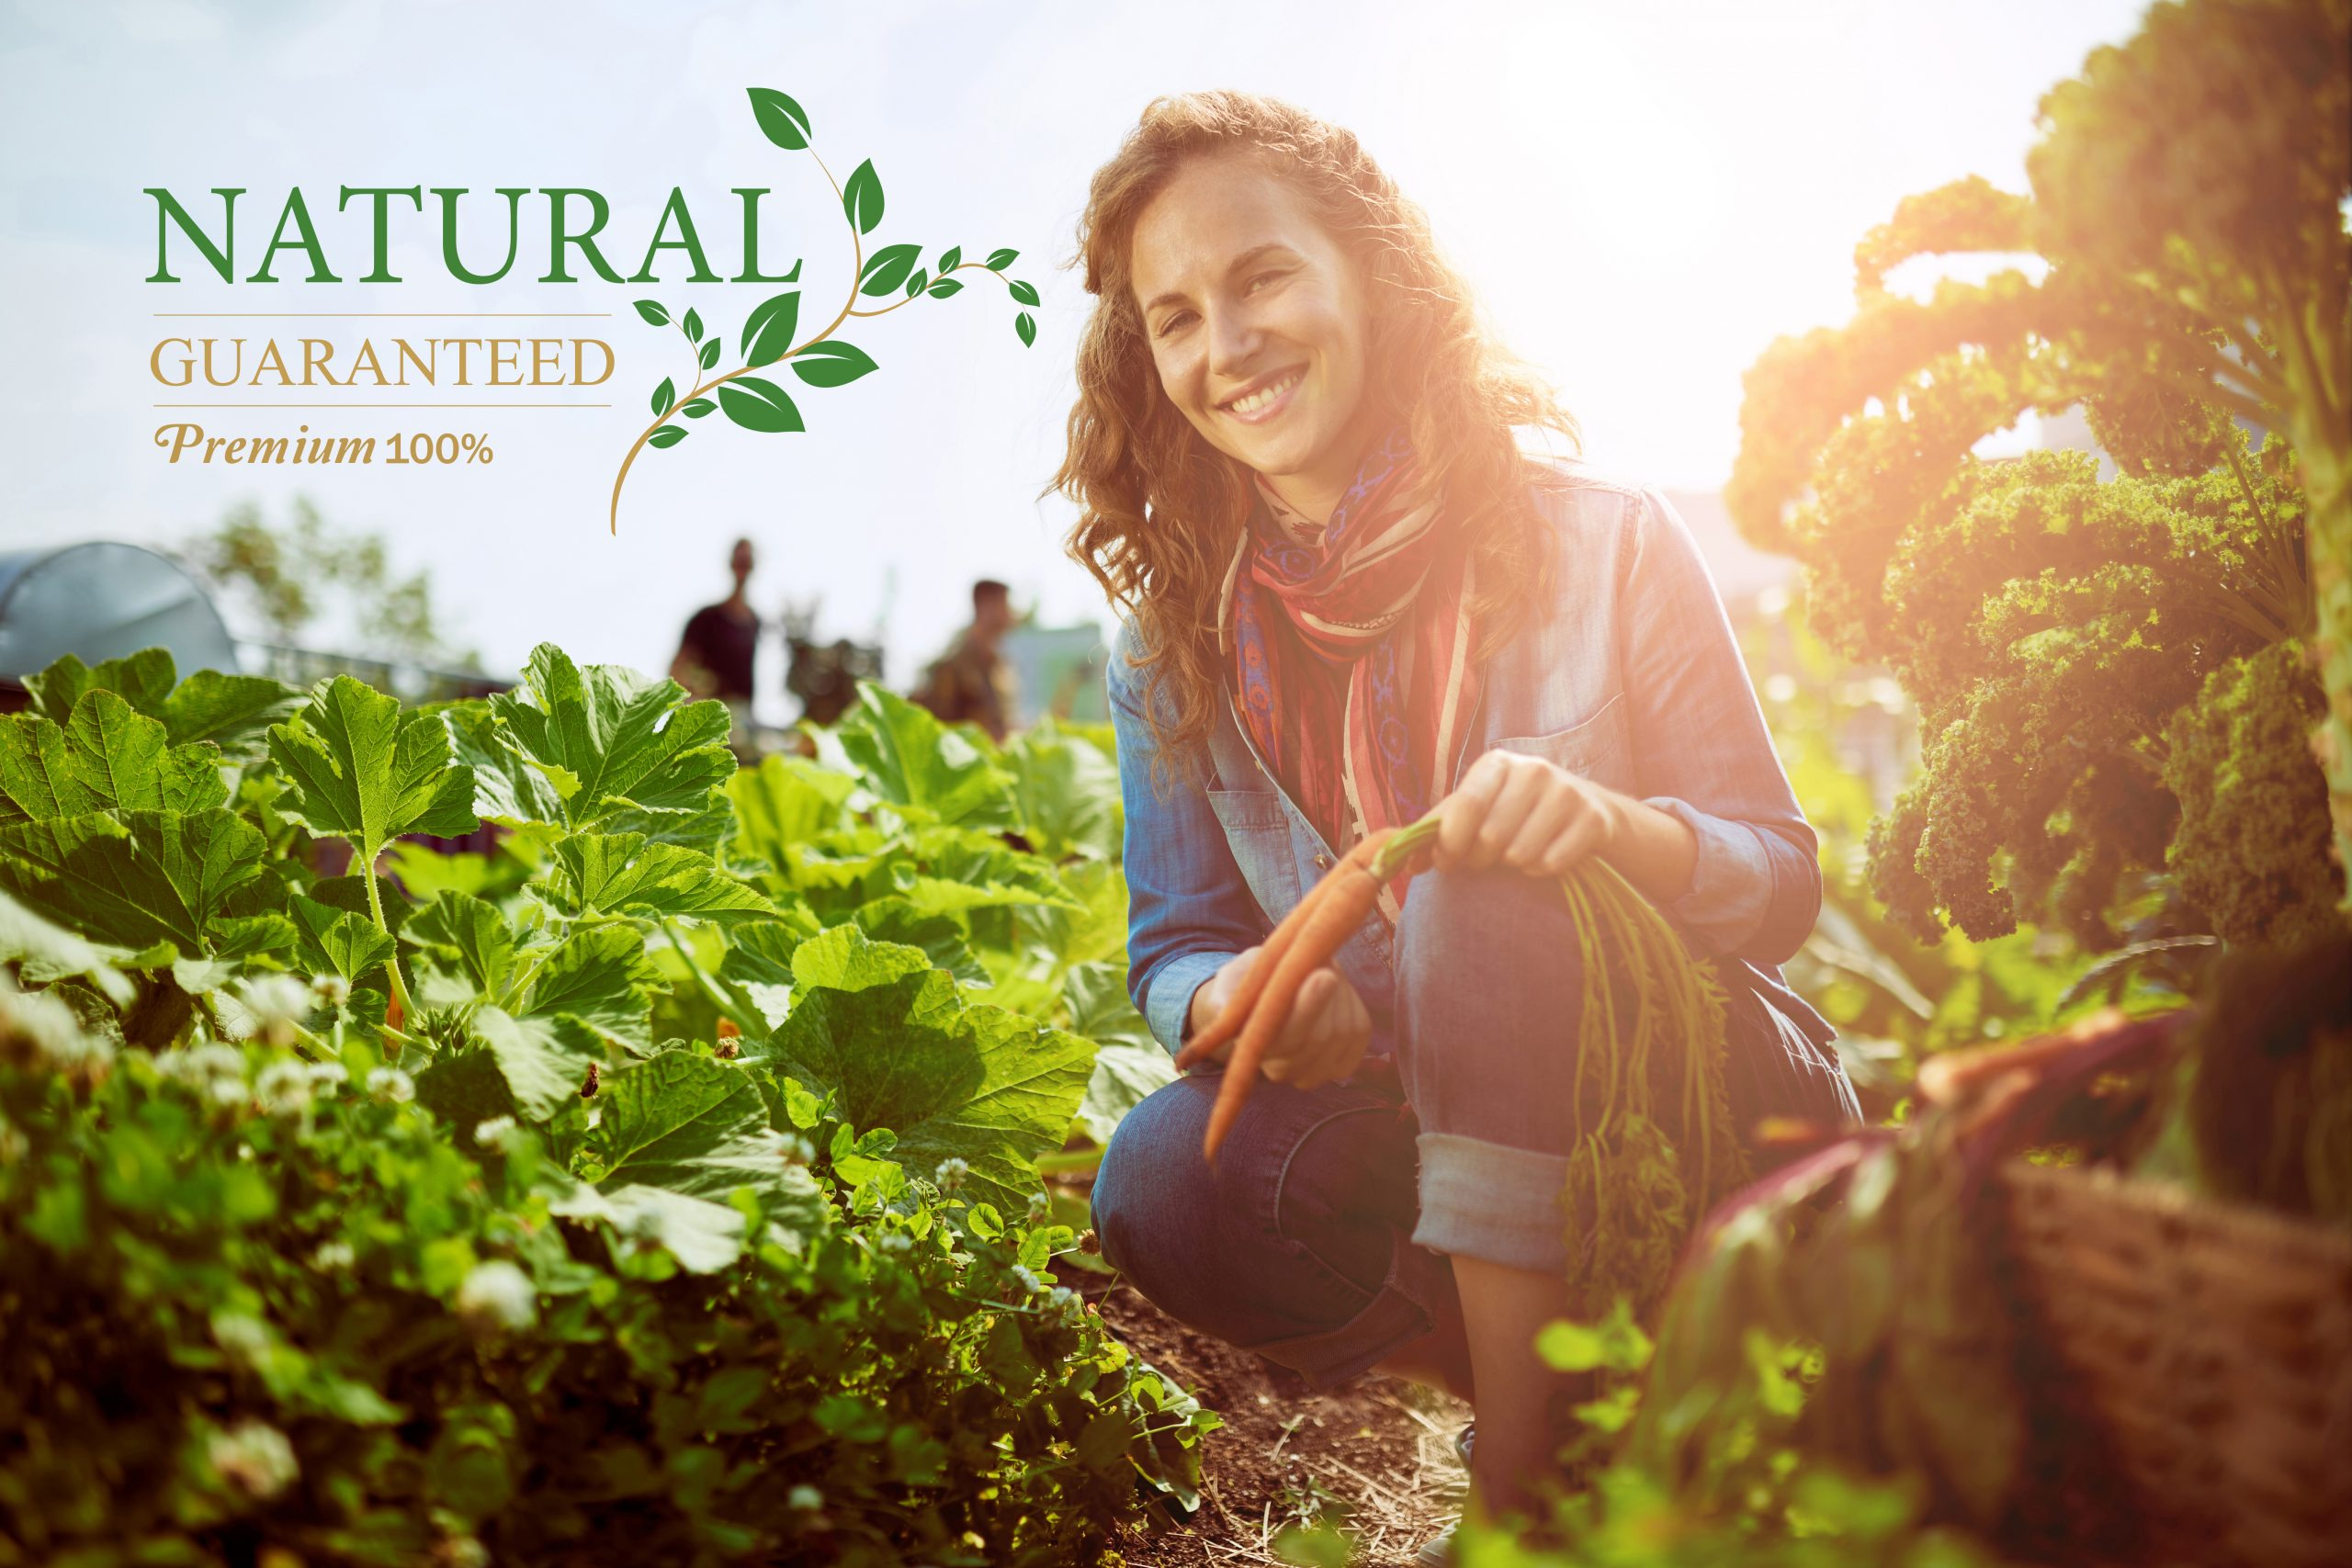 Die Nähe zur Natur verleiht natürlichen Geschmack!